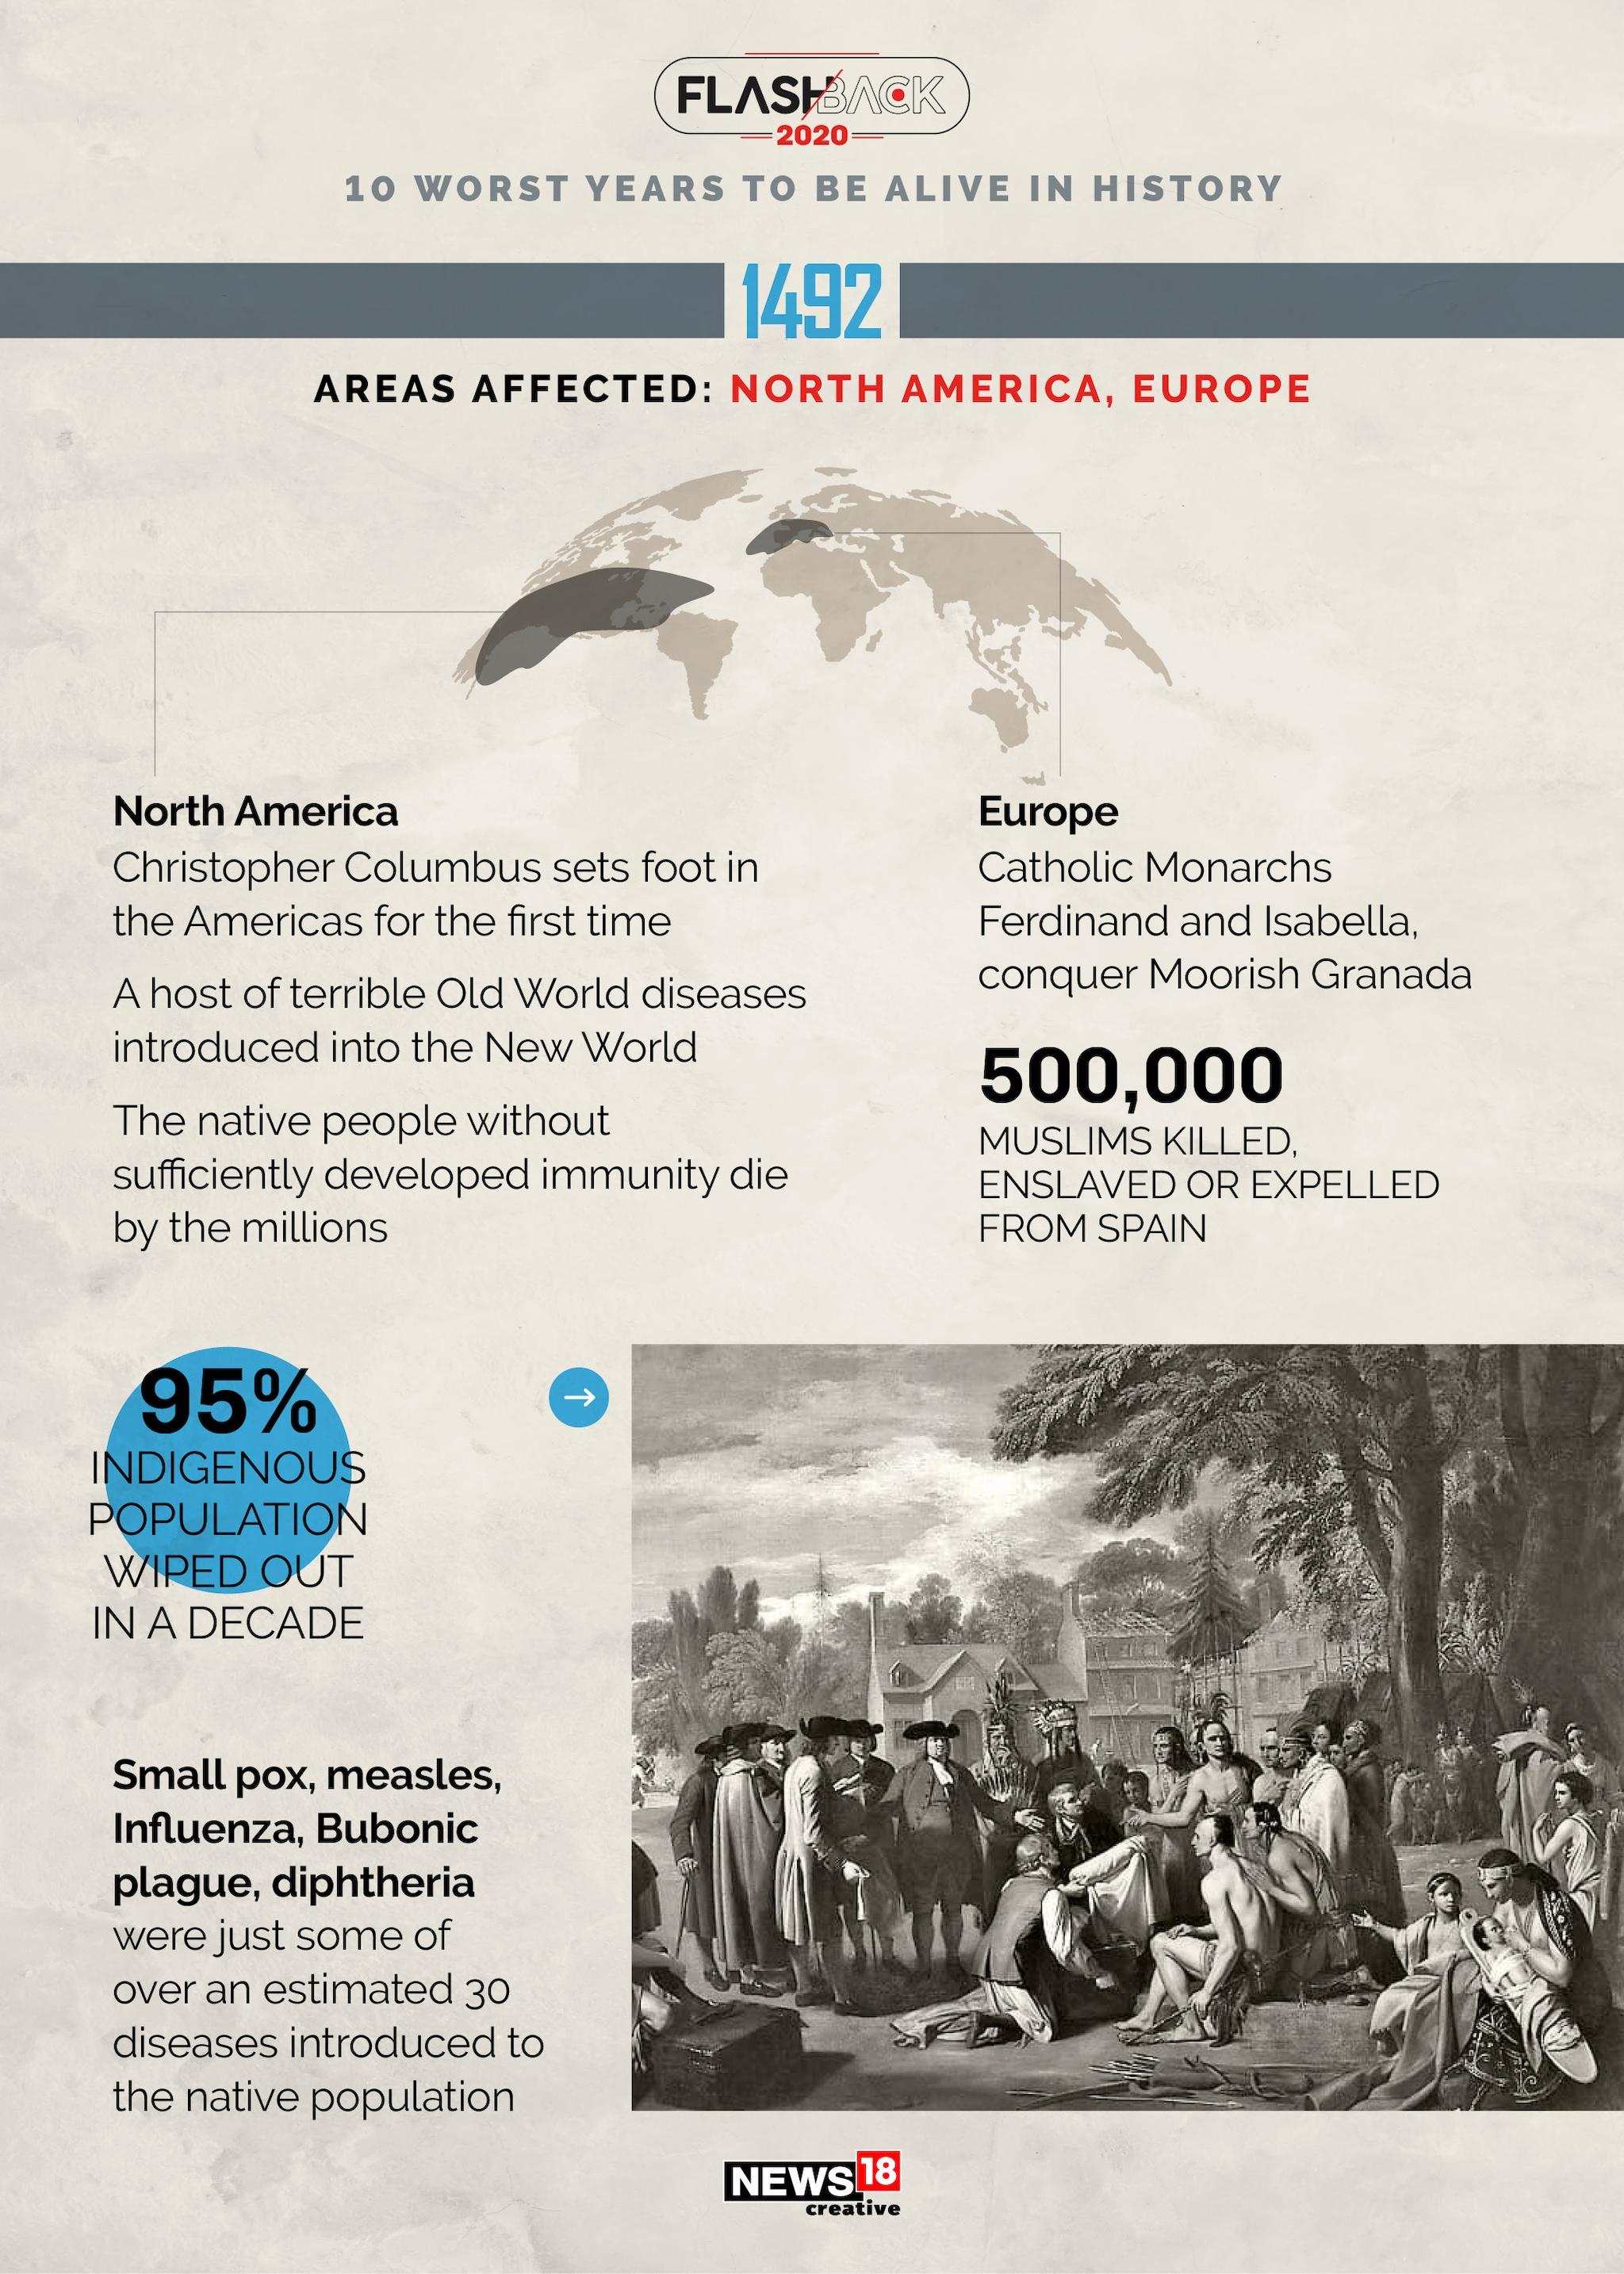 1492- കൊളംബസ് വടക്കേ അമേരിക്ക കണ്ടെത്തിയ വർഷം. എന്നാൽ ബ്യൂബോണിക് പ്ലേഗ്, സ്മാൾ പോക്സ്, ഡിഫ്ത്തീരിയ, അഞ്ചാം പനി, ഇൻഫ്ലുവെൻസ തുടങ്ങിയ മാരകരോഗങ്ങൾ ലോകമാകെ പടർന്നു പിടിച്ചു. ഈ രോഗം നീണ്ടുനിന്നതോടെ ഒരു ദശാബ്ദത്തിനിടെ 95 ശതമാനം പേരും ഭൂമുഖത്ത് ഈ രോഗത്തിന് ഇരയായി. കൂടാതെ സ്പെയിനിൽ അഞ്ചു ലക്ഷത്തോളം മുസ്ലീങ്ങൾ കൂട്ടക്കൊലയ്ക്ക് ഇരയാകുകയോ പുറത്താക്കപ്പെടുകയോ ചെയ്തത് 1492ലാണ്.